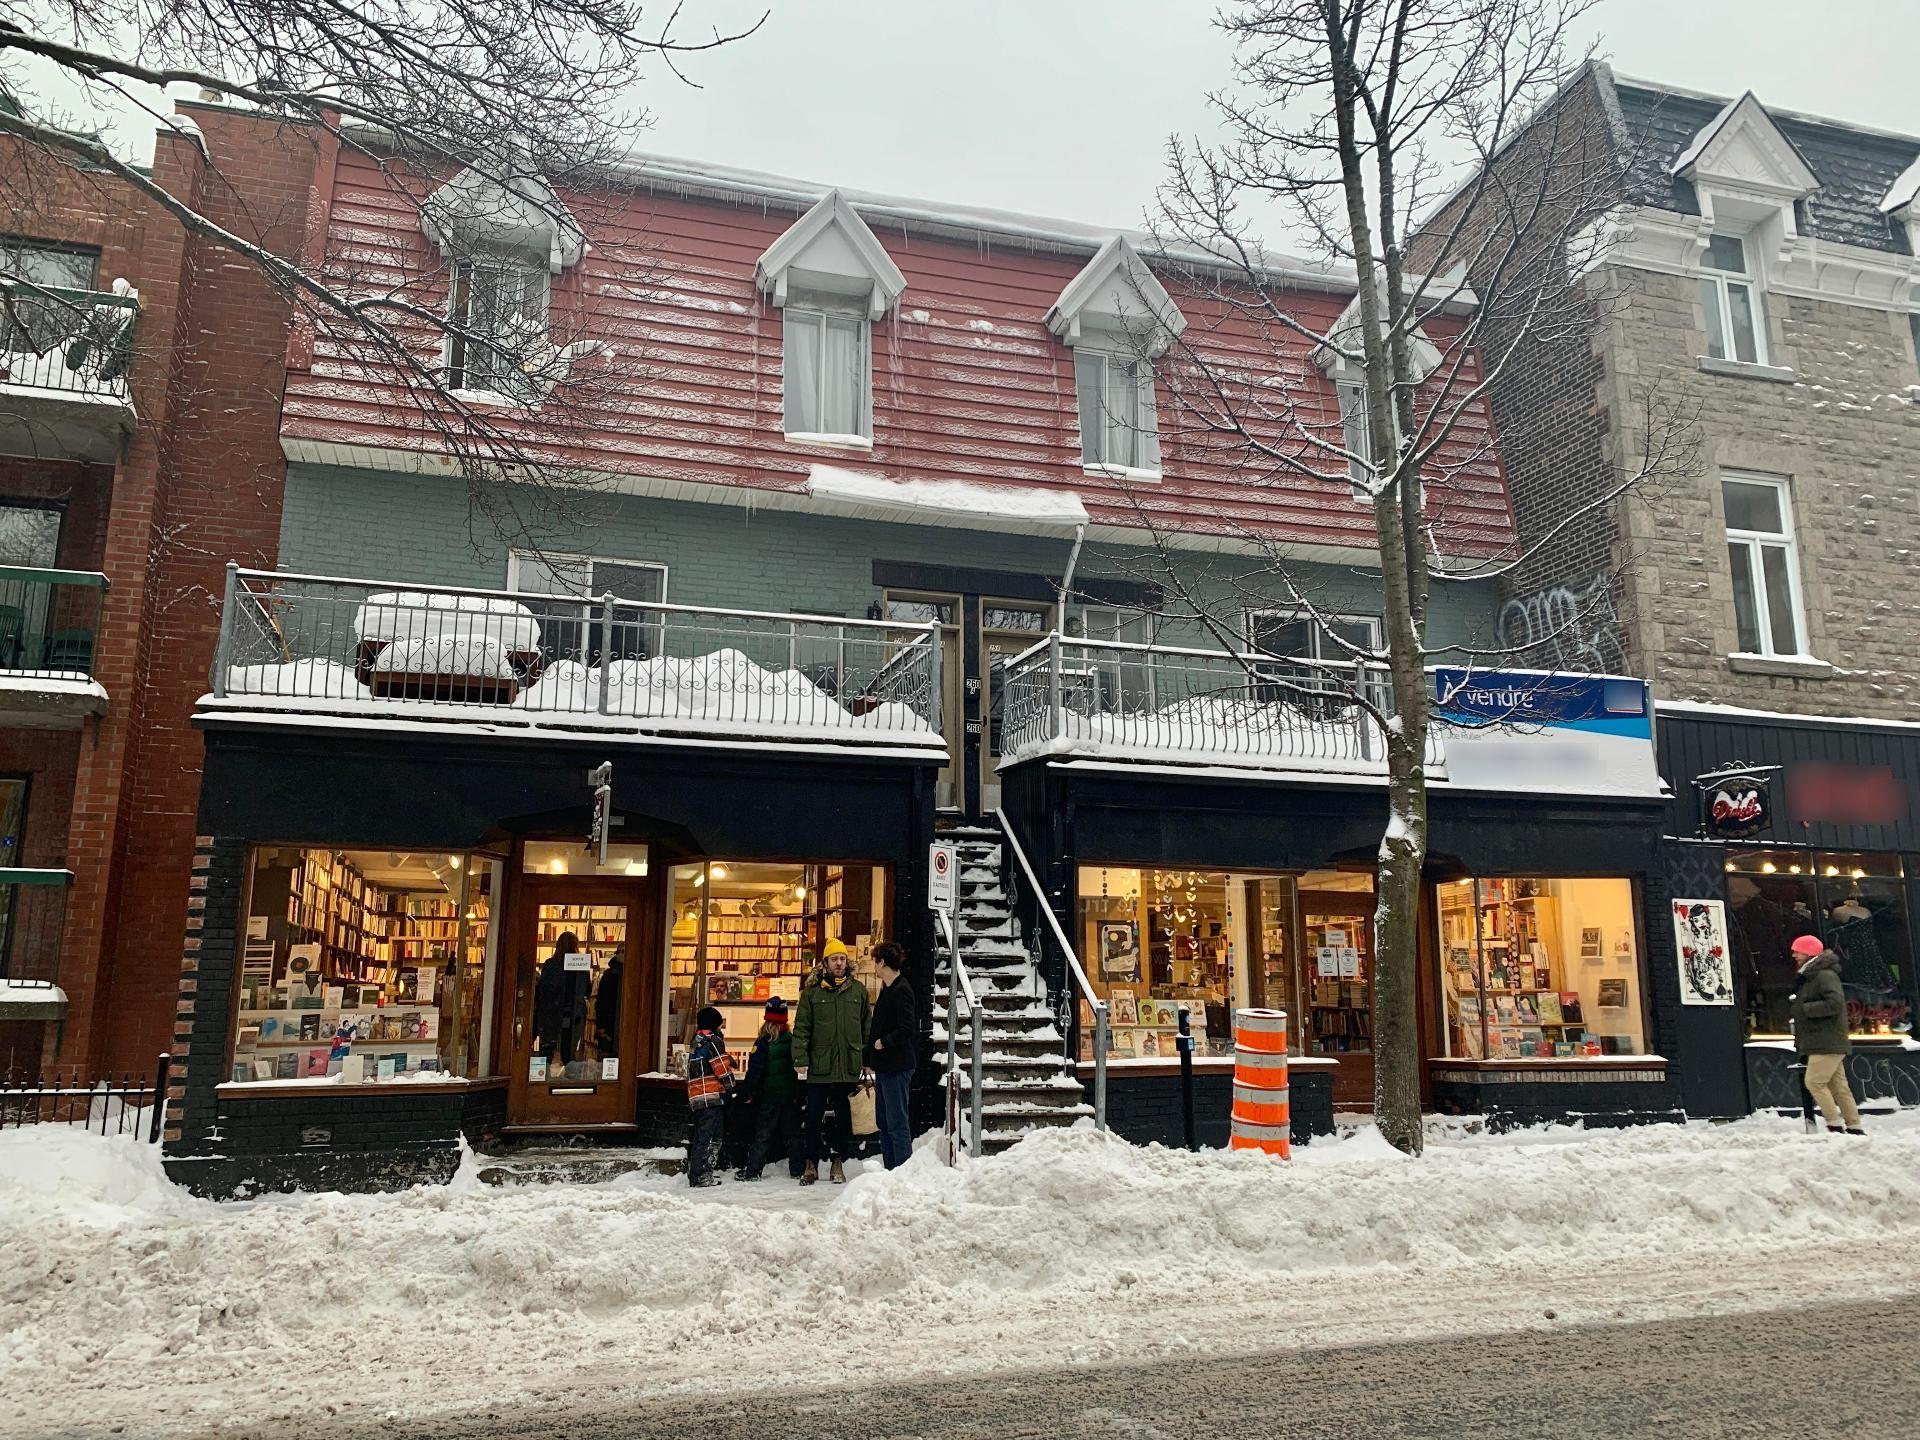 Vente Bâtisse commerciale (et résidentielle), 124 m2 à Montréal situé Plateau Mont-Royal